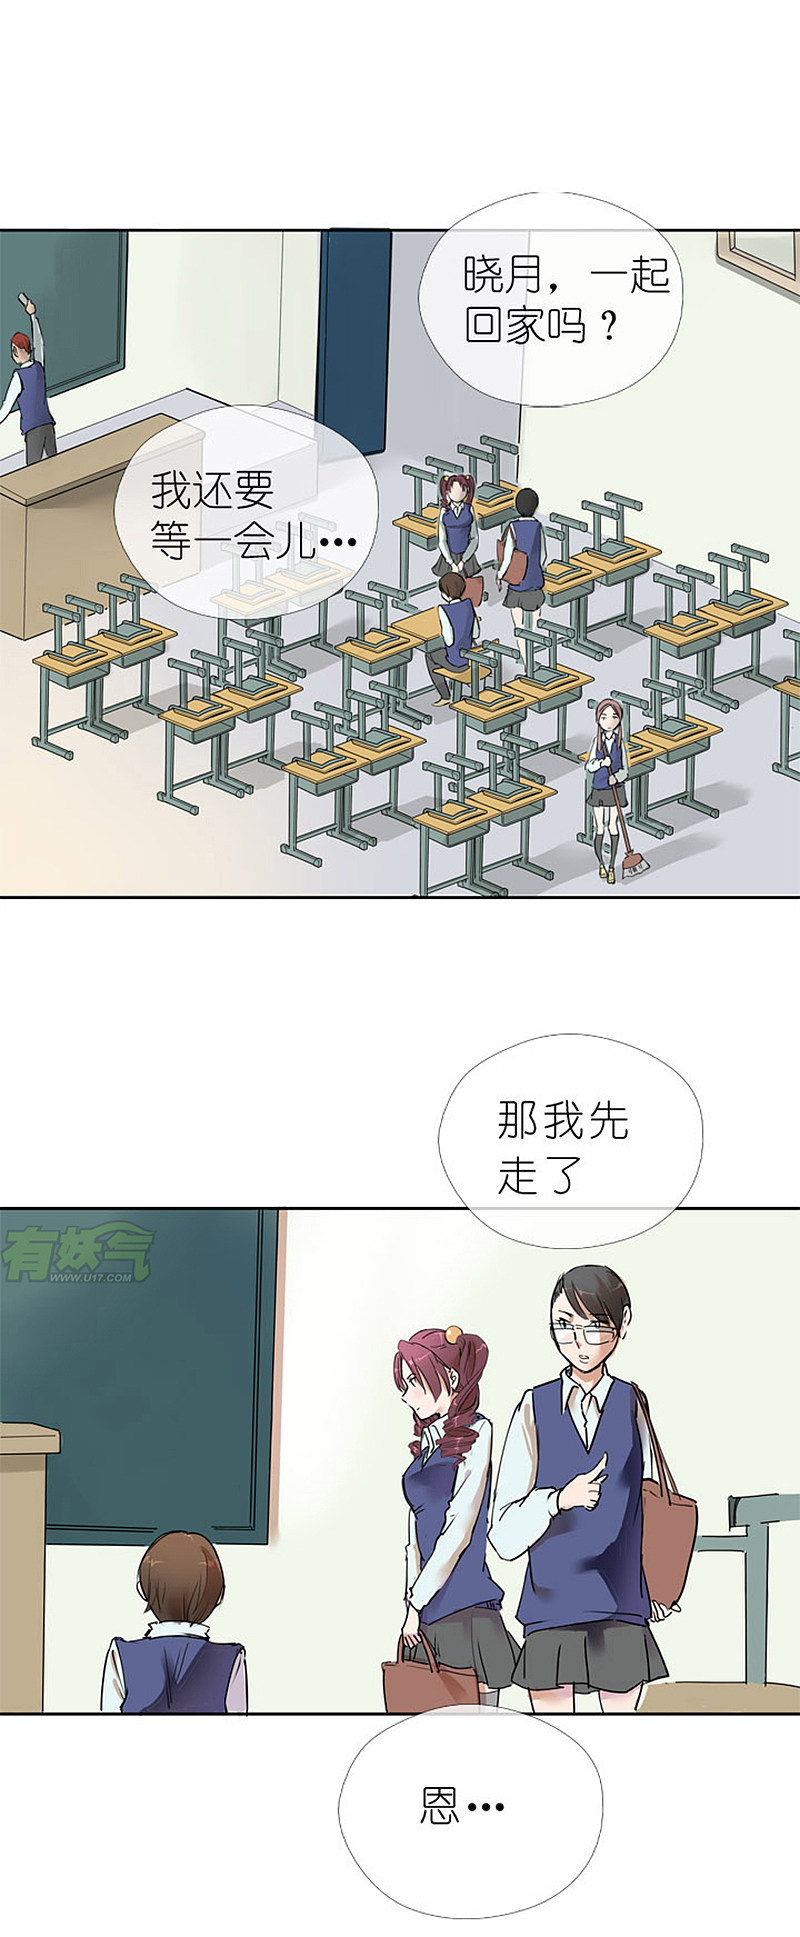 漫画帮帮忙祖先第9话-漫客栈双揉乳漫画水图片